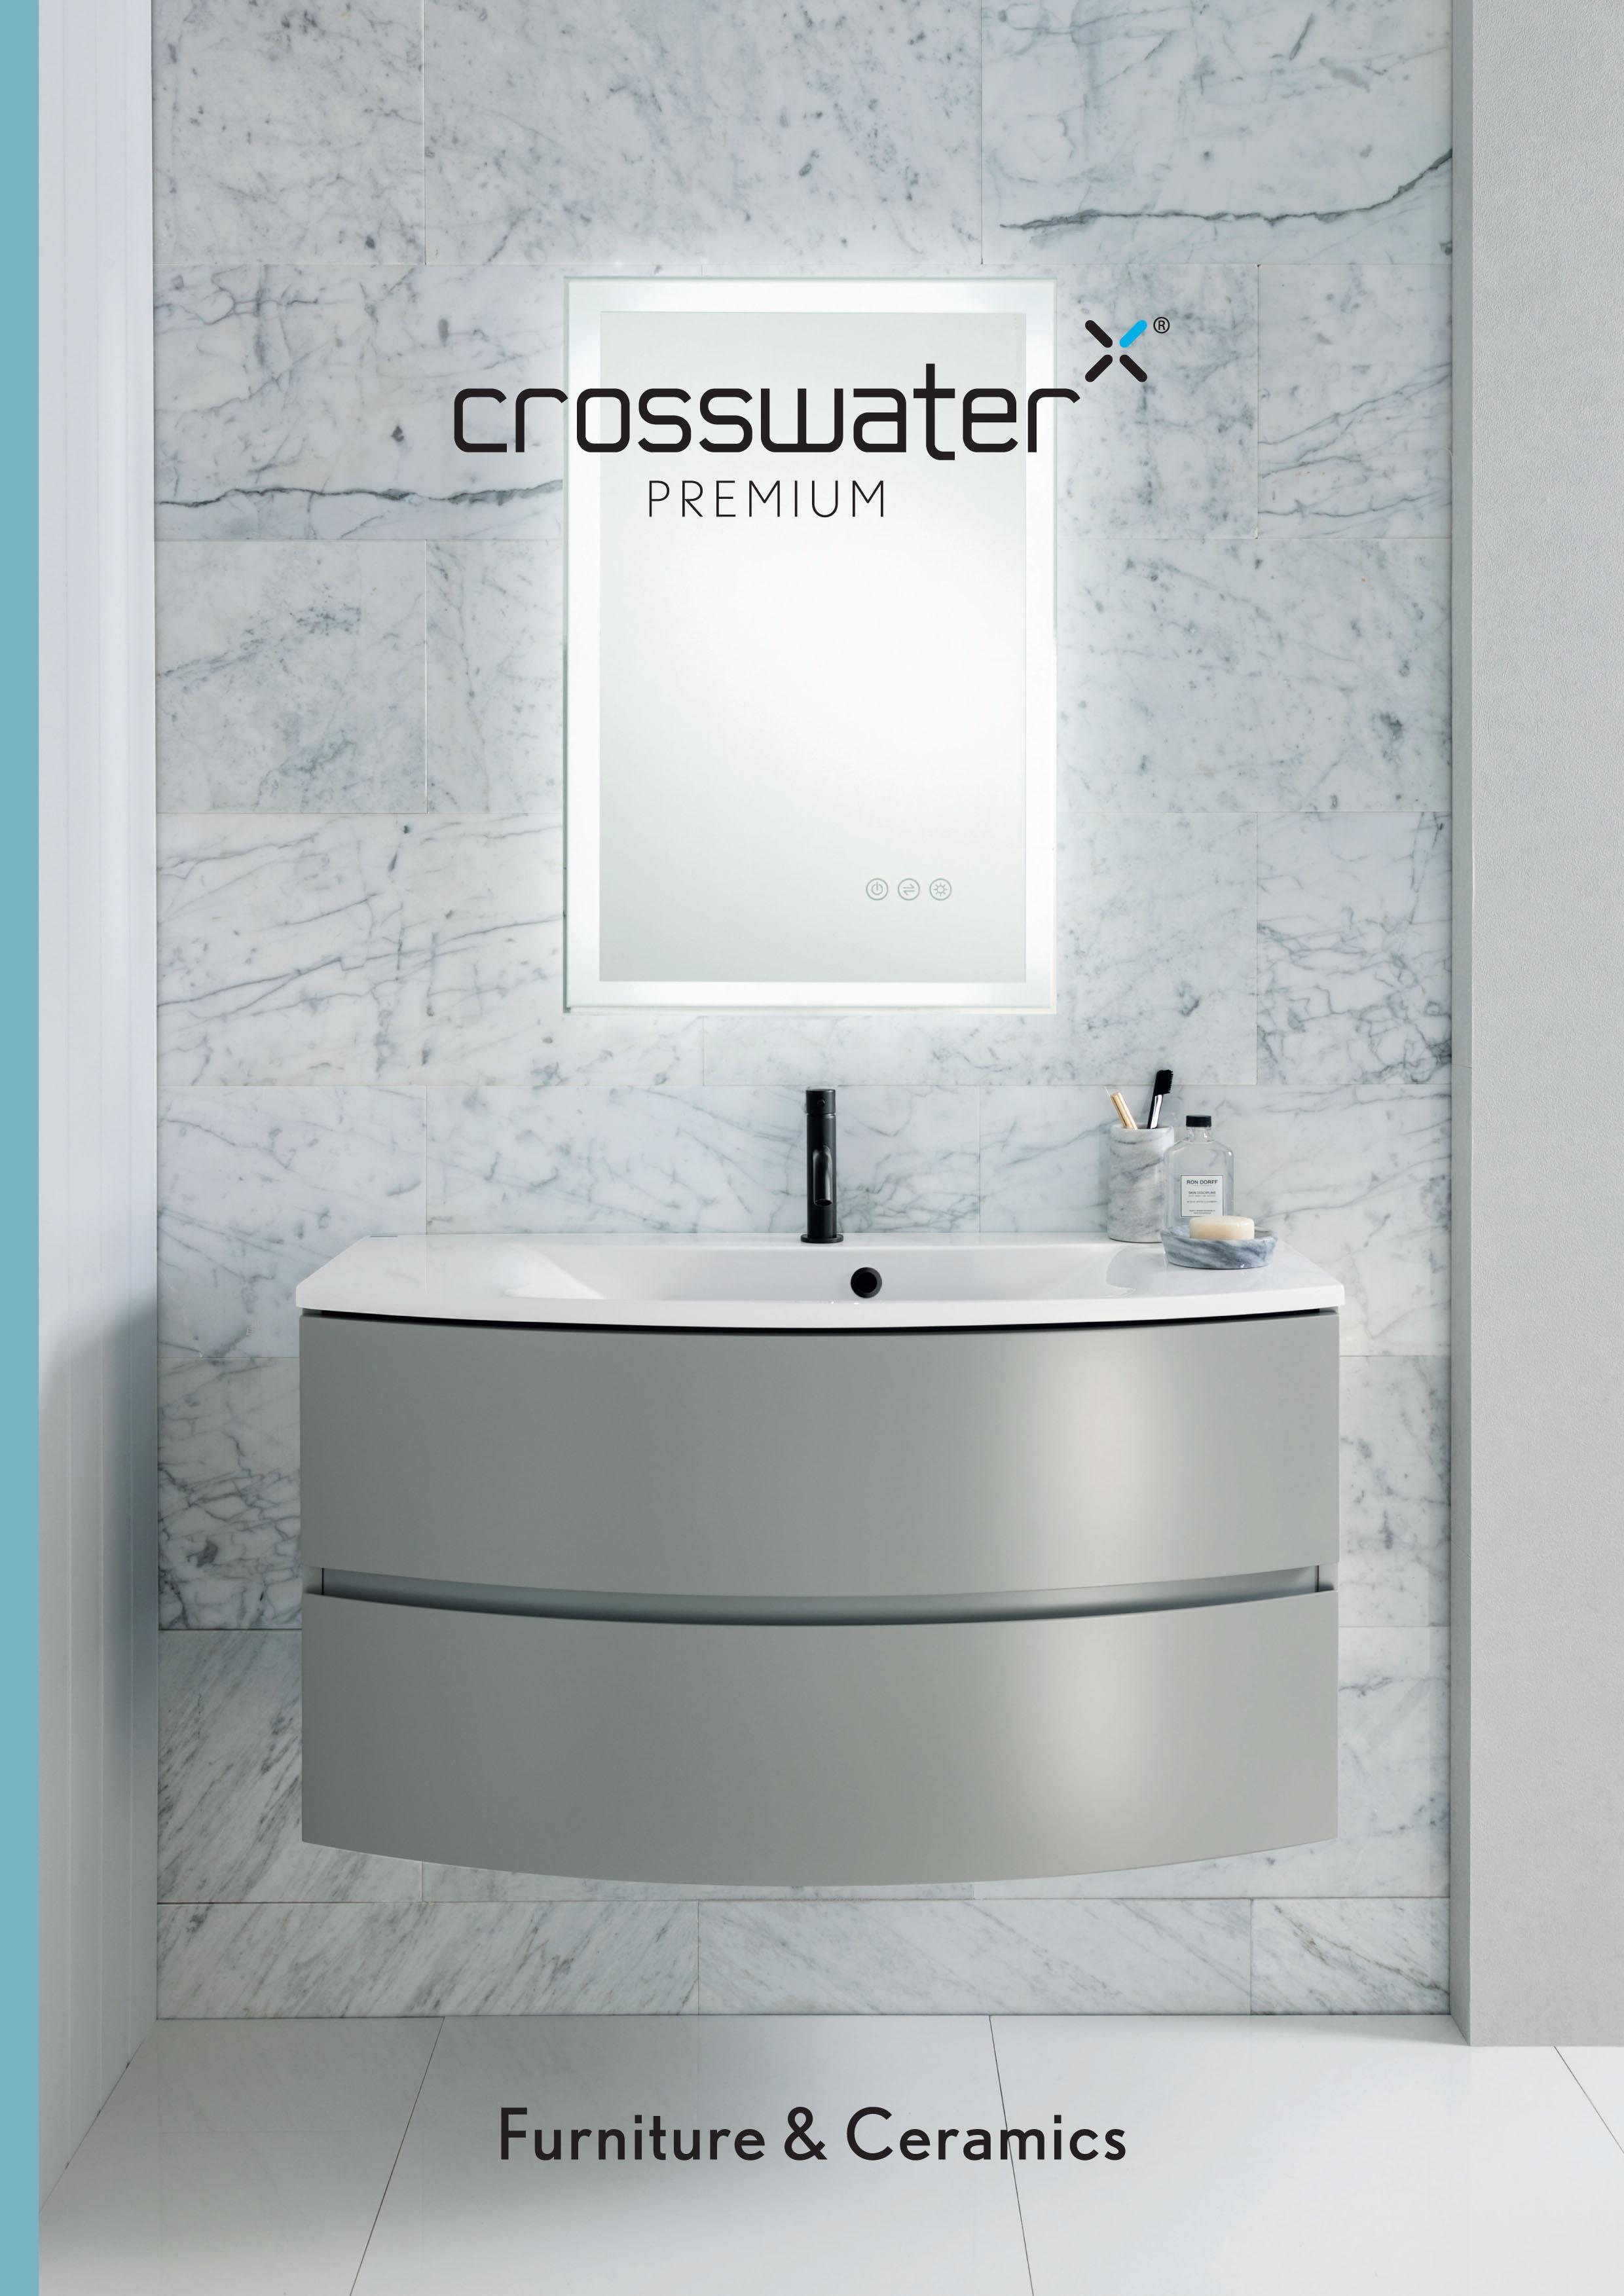 Crosswater Brochure Cover Waterloo Bathrooms Dublin.jpg